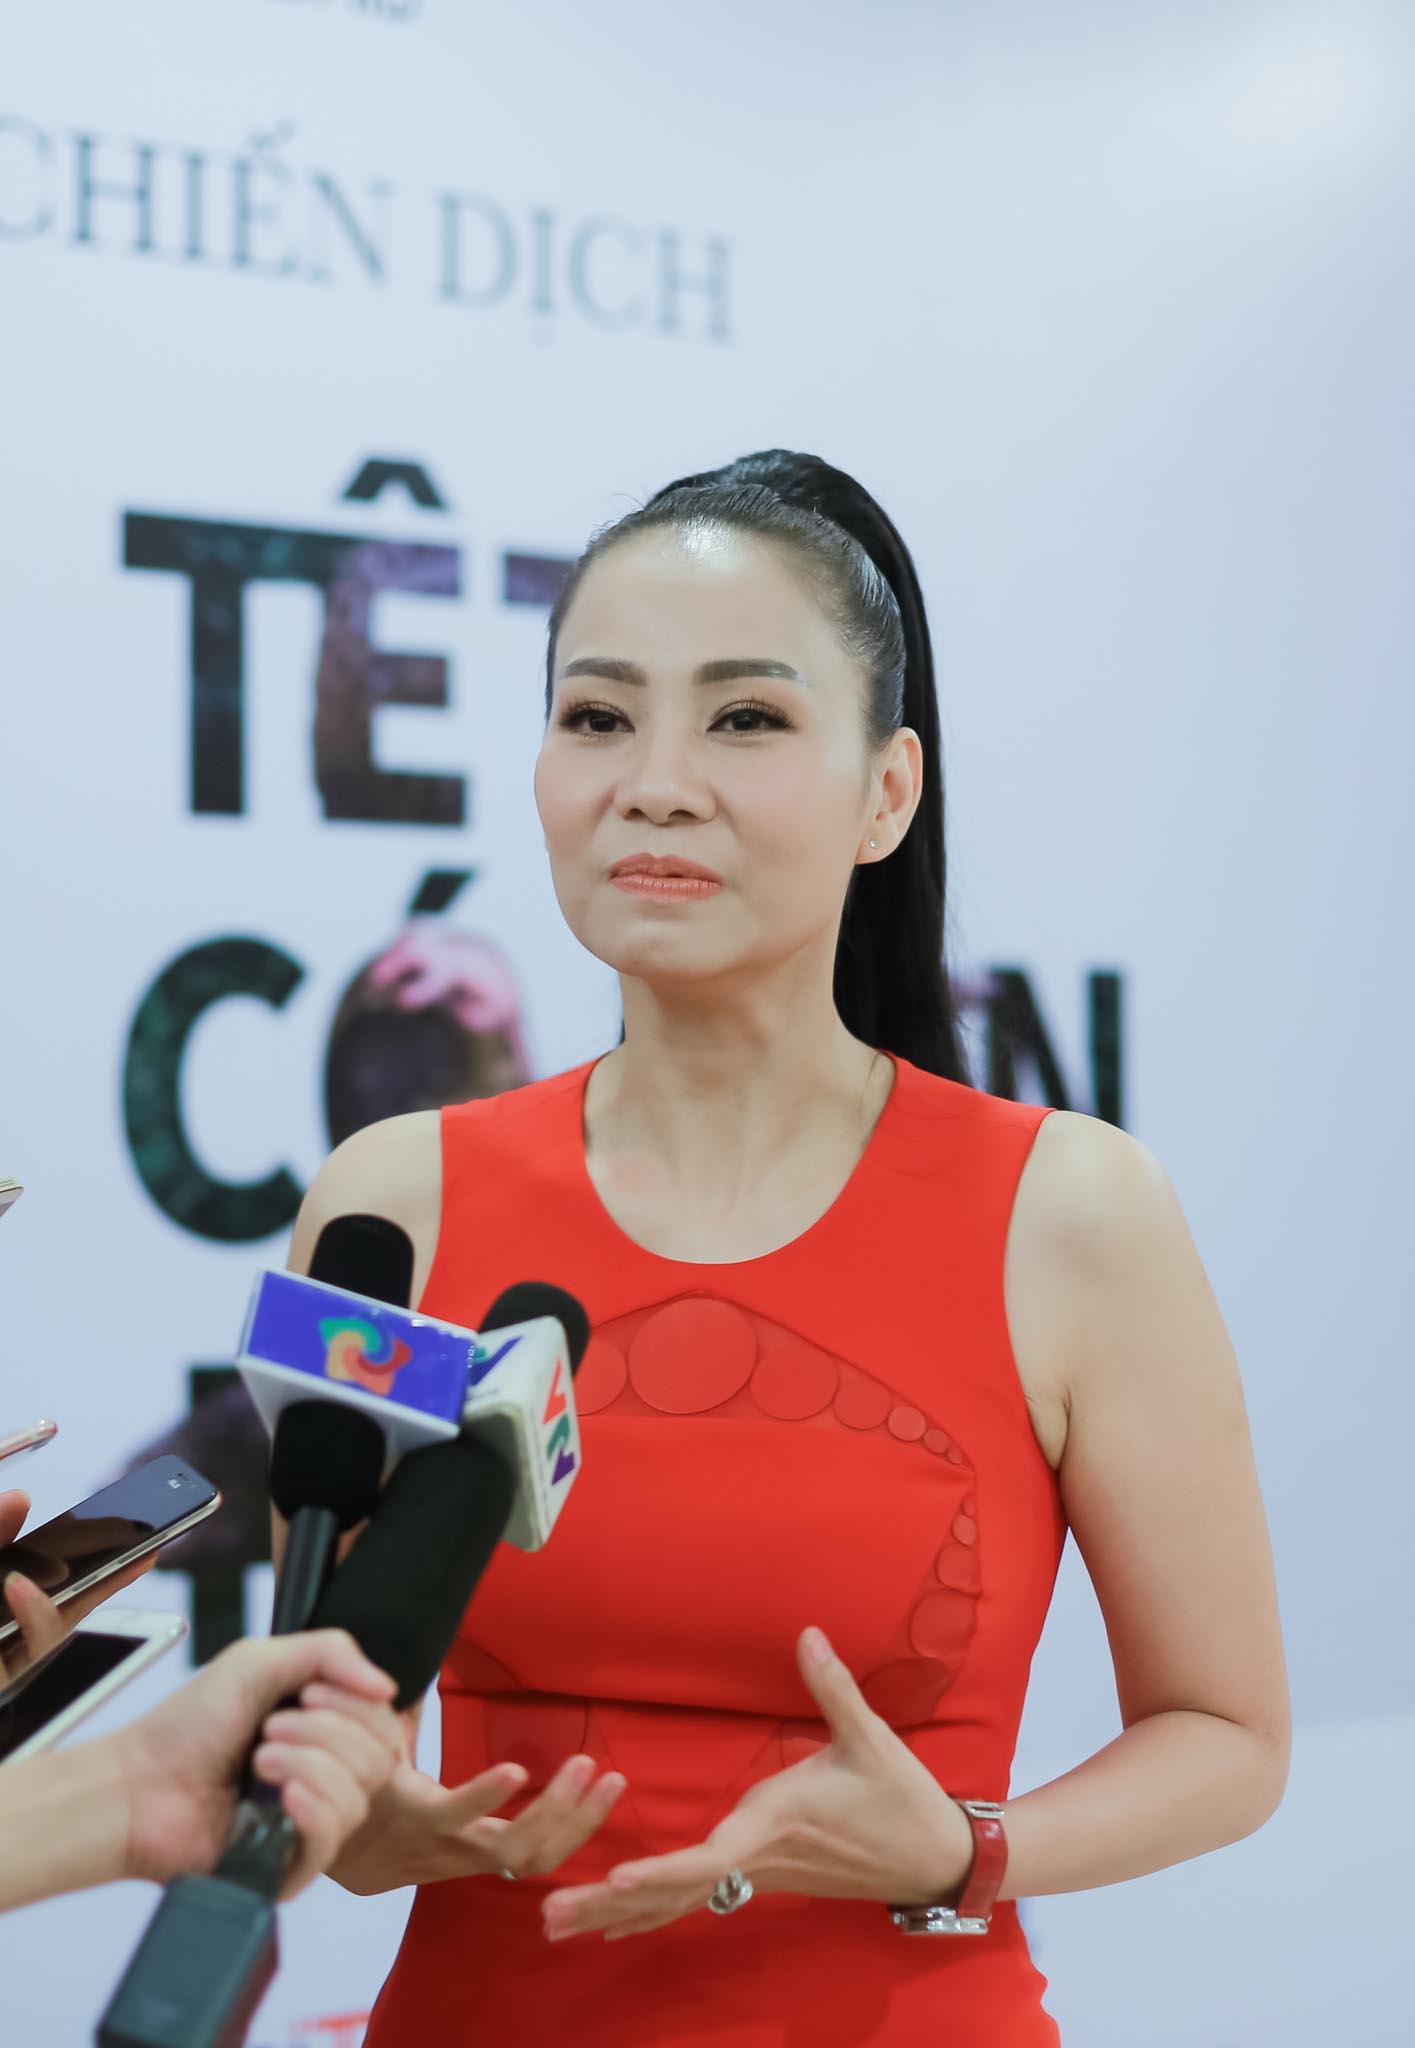 """Thu Minh nói về scandal """"trốn nợ"""": """"Họ đang hăm dọa tôi"""" - 1"""